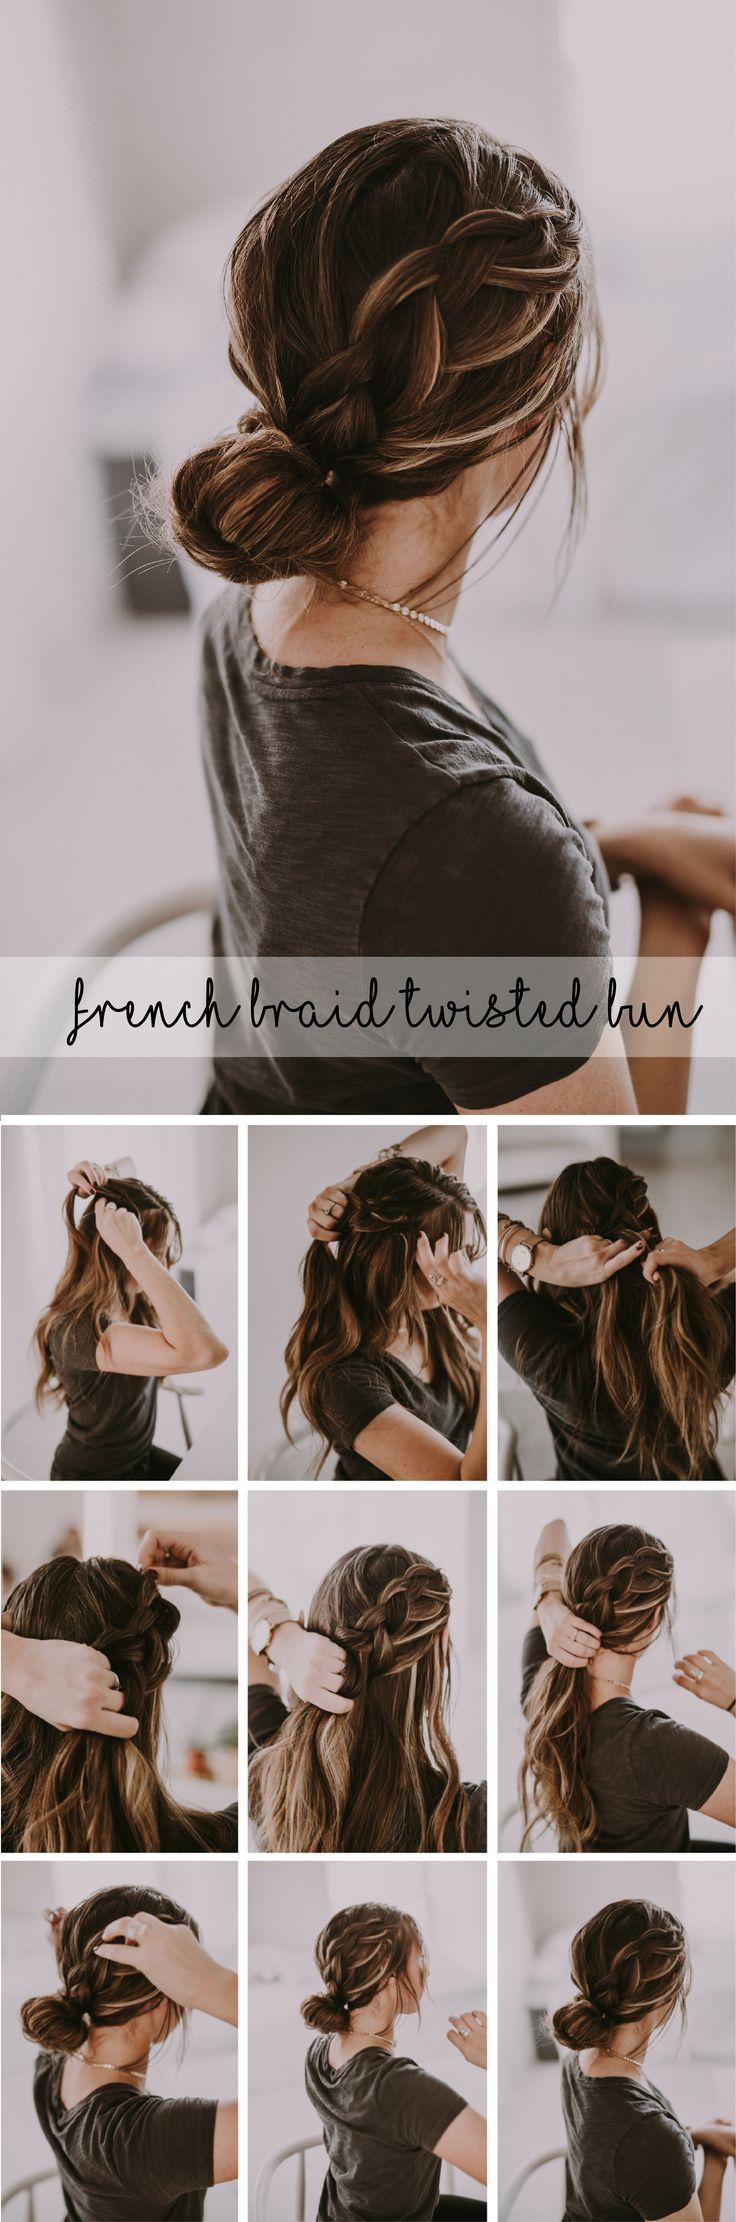 Prime 1000 Ideas About Braided Hairstyles On Pinterest Braids Short Hairstyles Gunalazisus